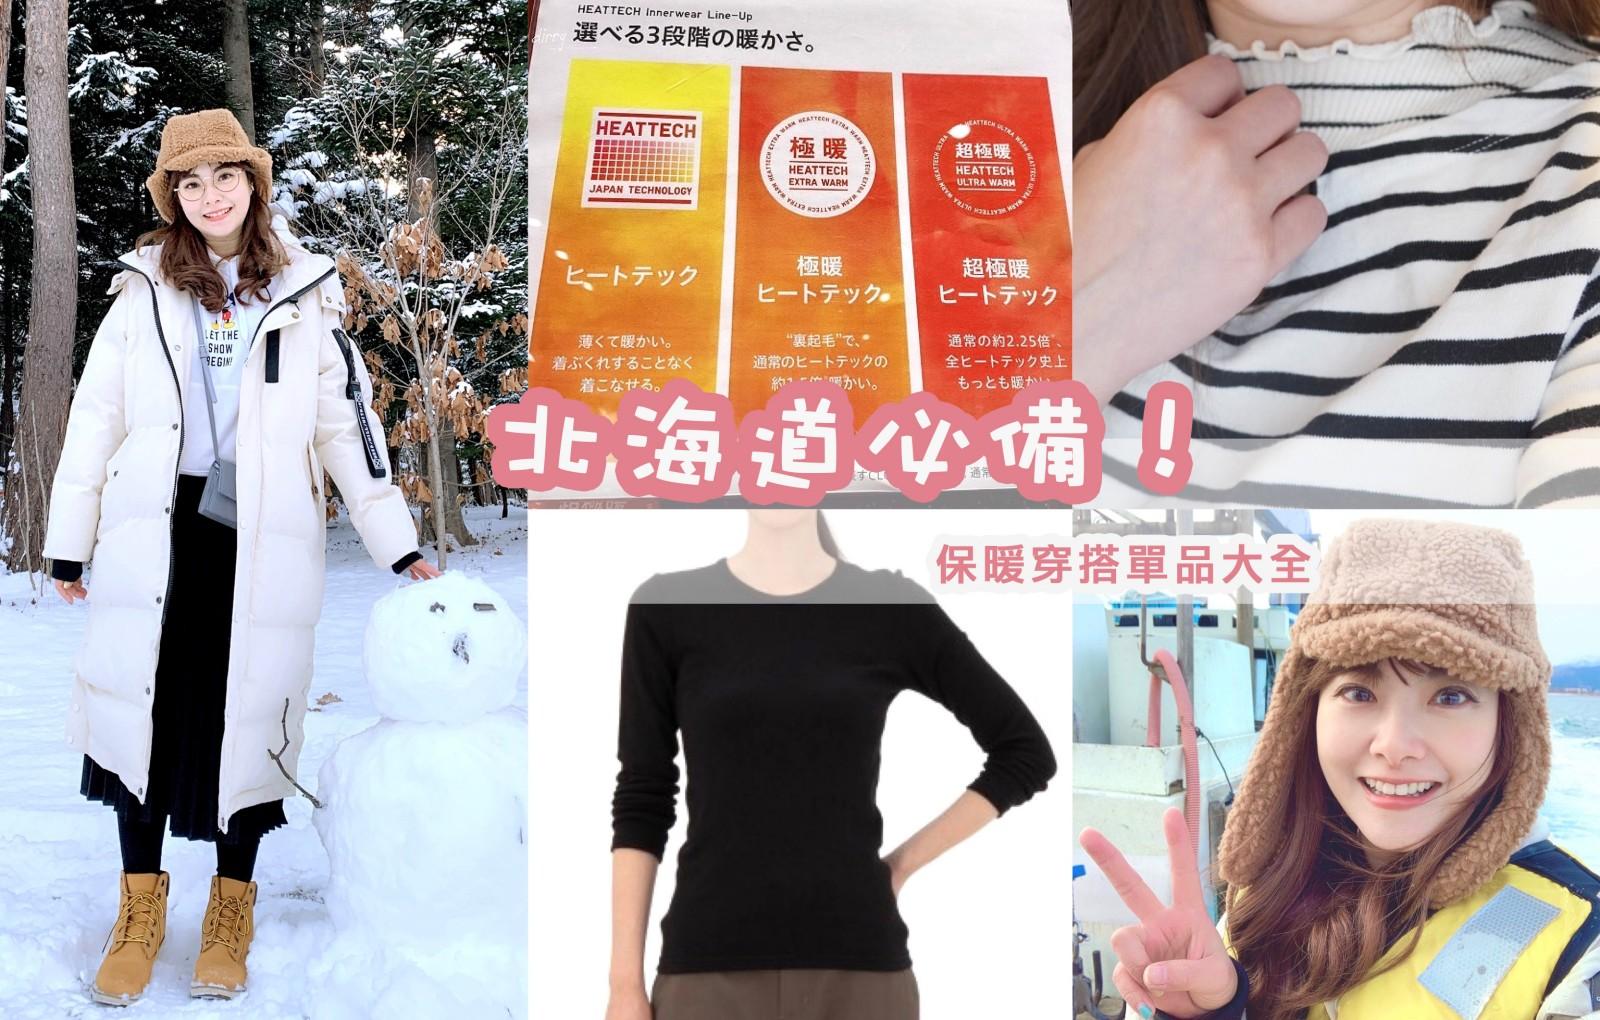 閱讀文章:☆【北海道穿搭】雪國必備!保暖又輕便的玉米式穿搭法